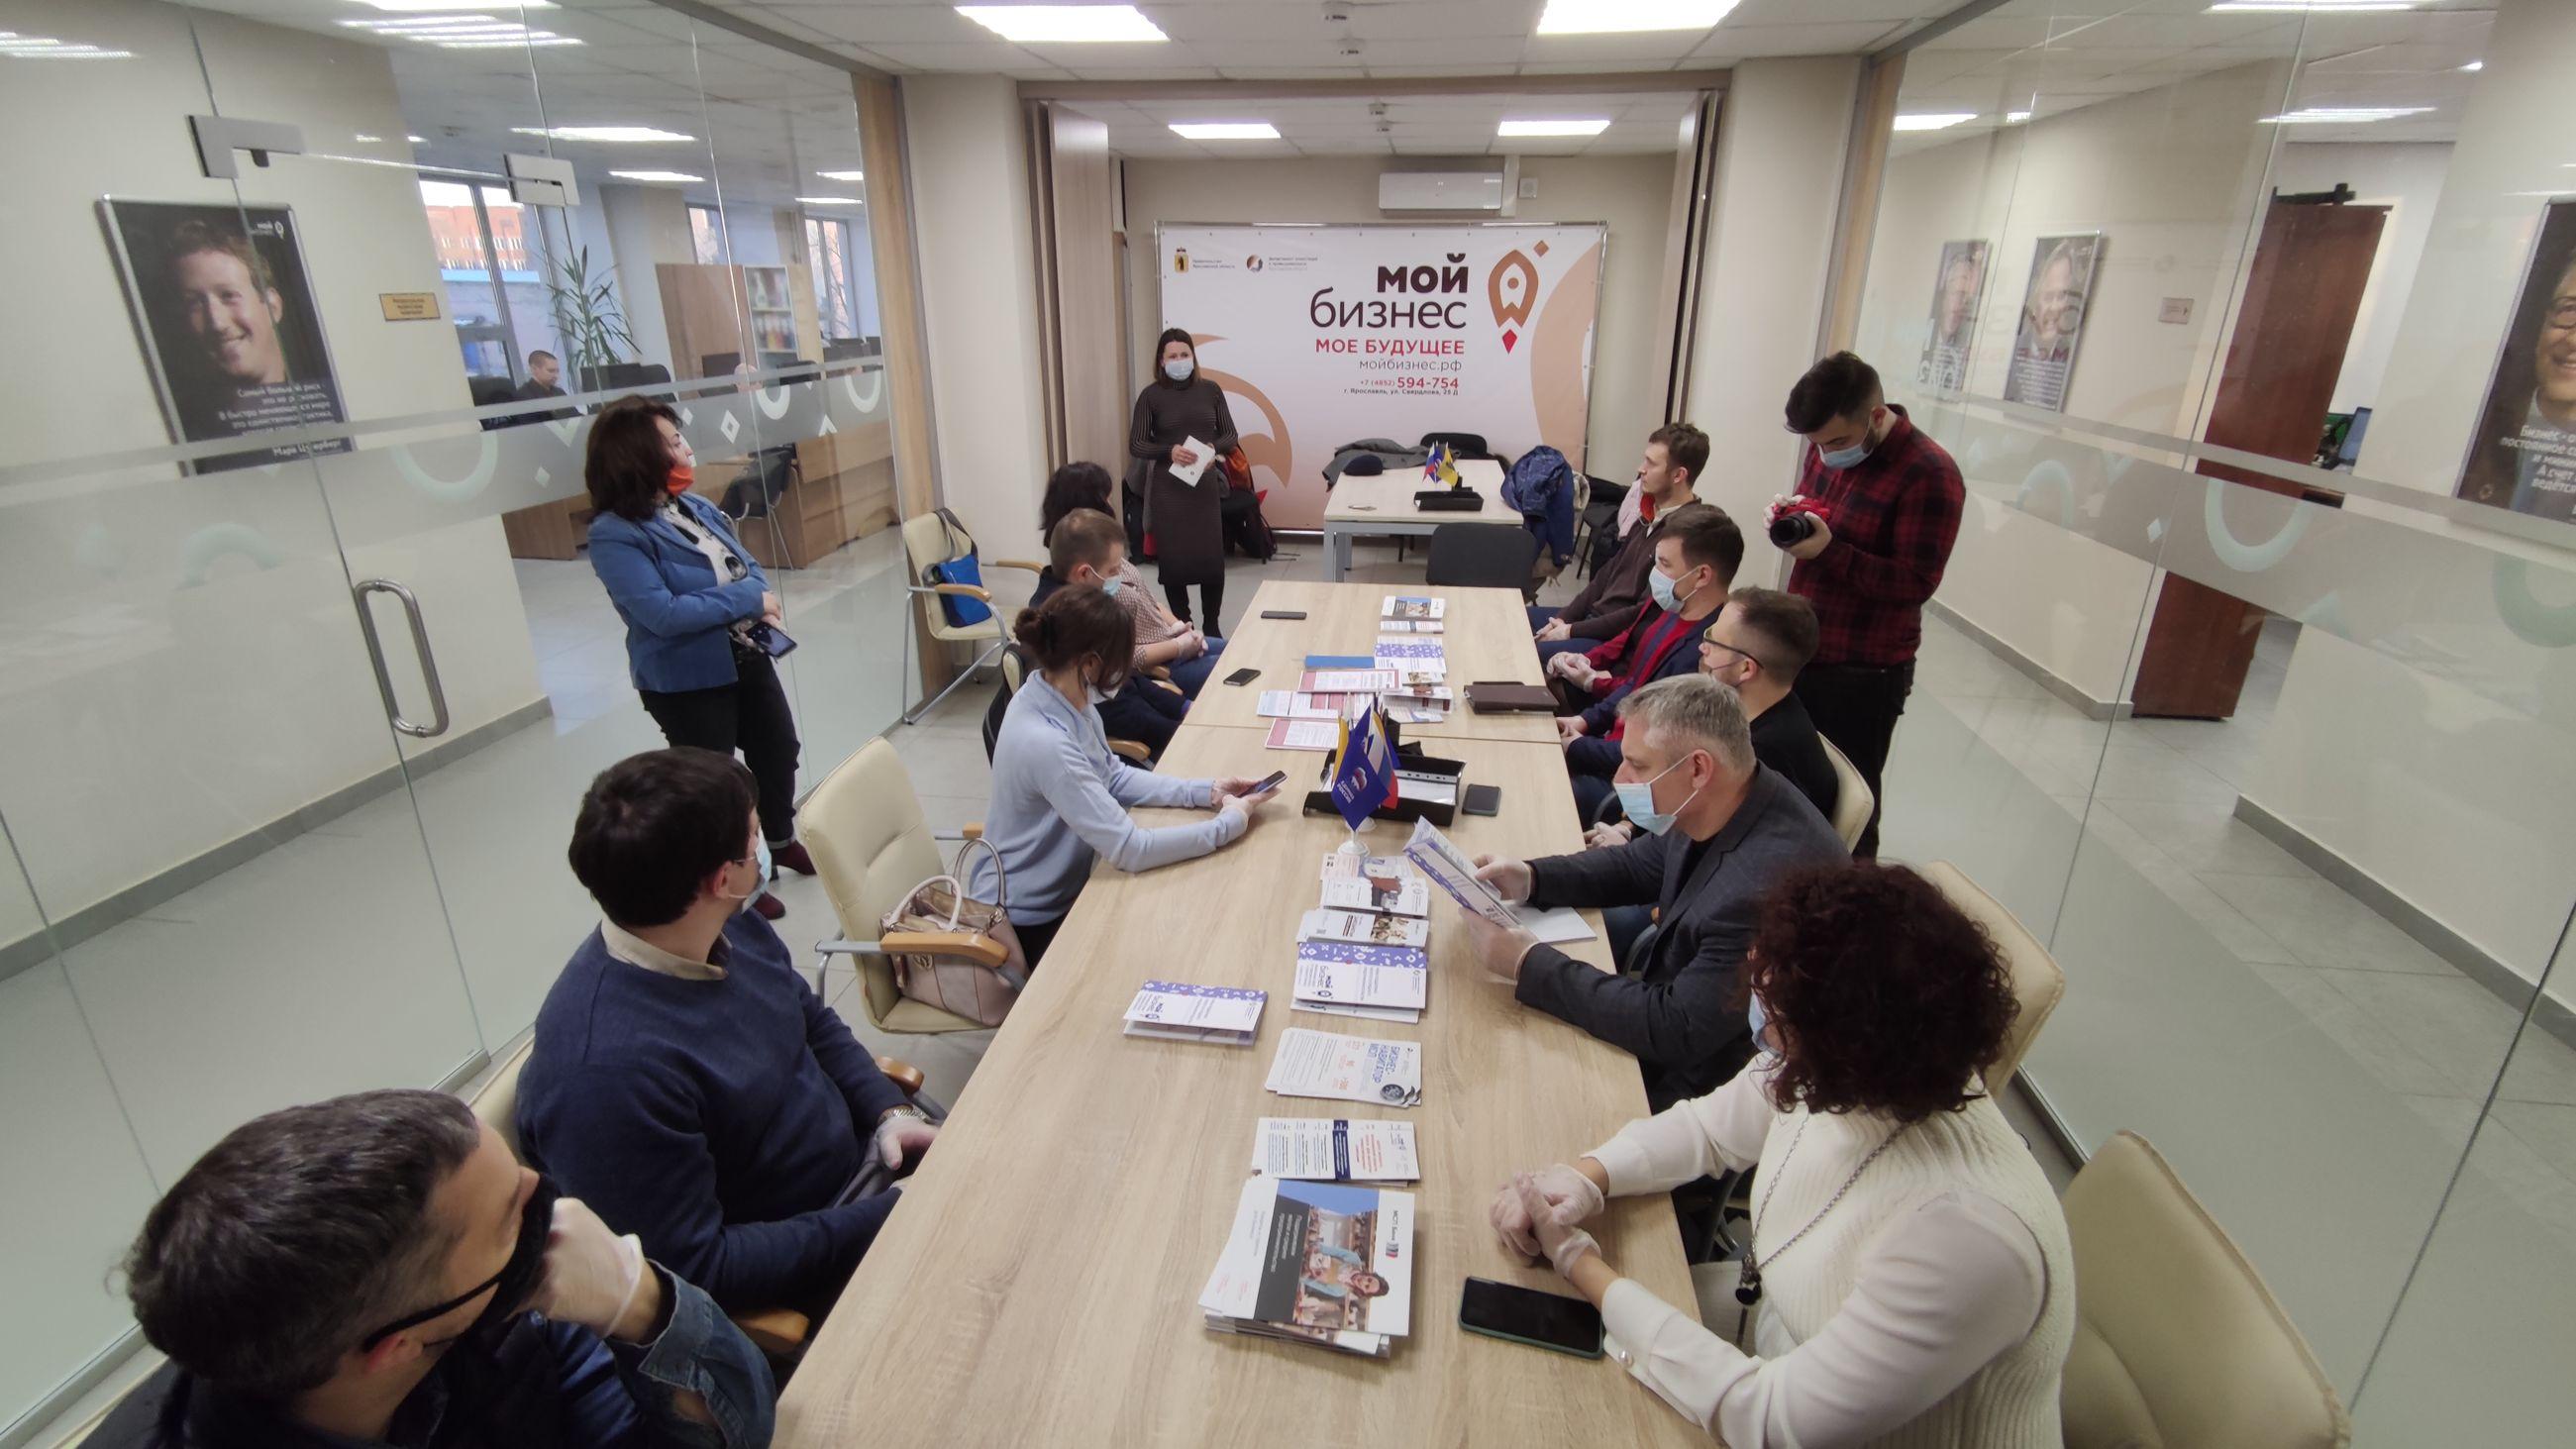 В рамках бизнес-шоу «Наставничество» прошла экскурсия в Центр поддержки предпринимательства